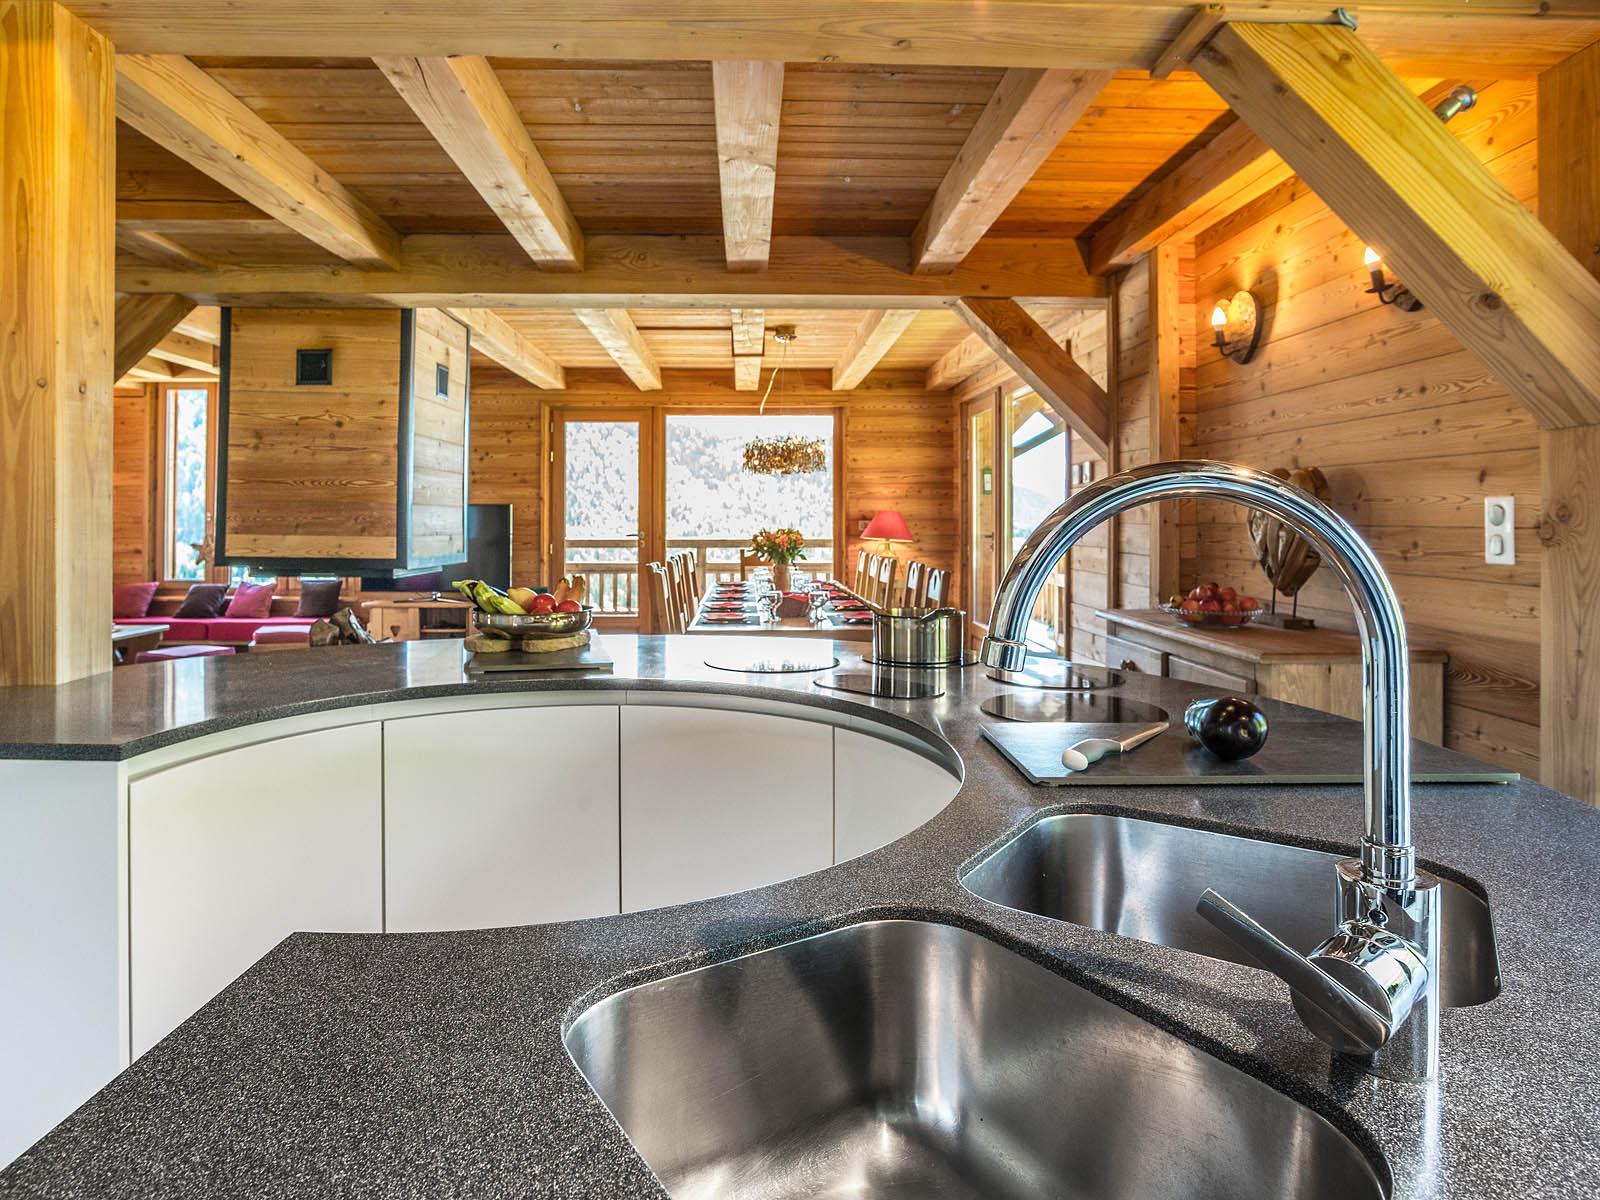 Photographe Immobilier De Montagne : Détail Cuisine : Vasques Et Robinet